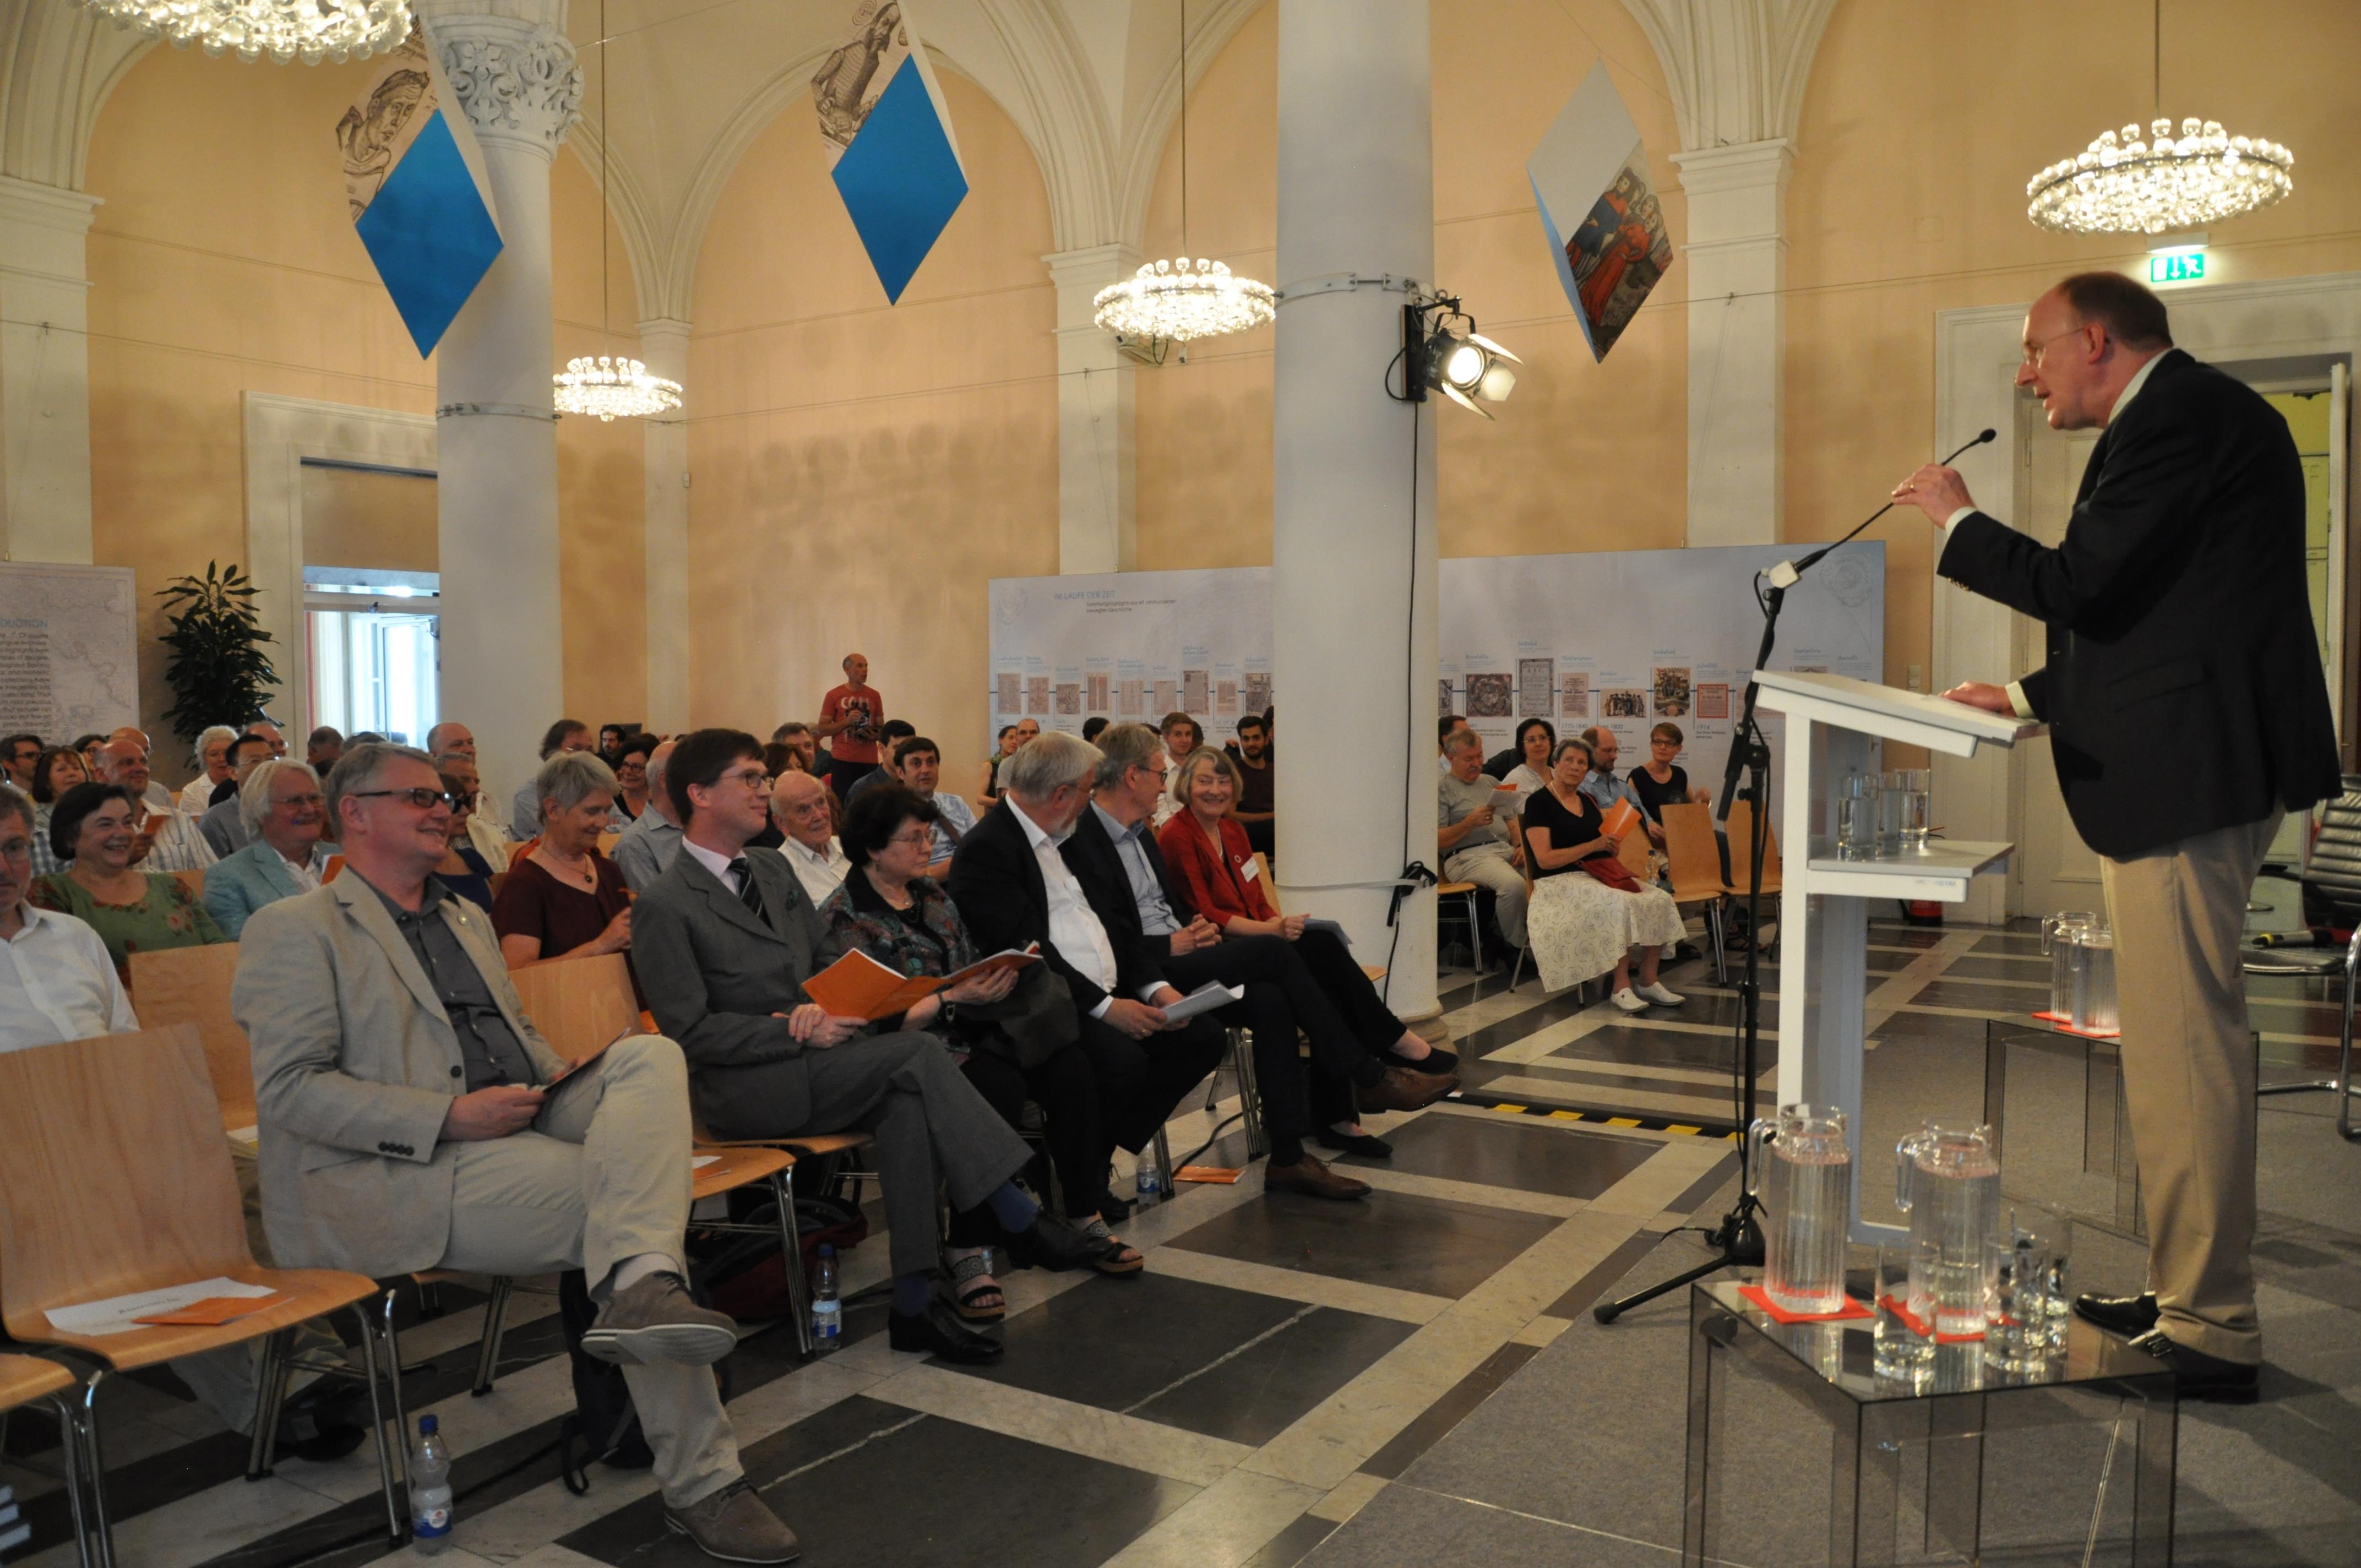 Dr. Klaus Ceynowa, Generaldirektor der BSB, begrüßt als Hausherr die Gäste.